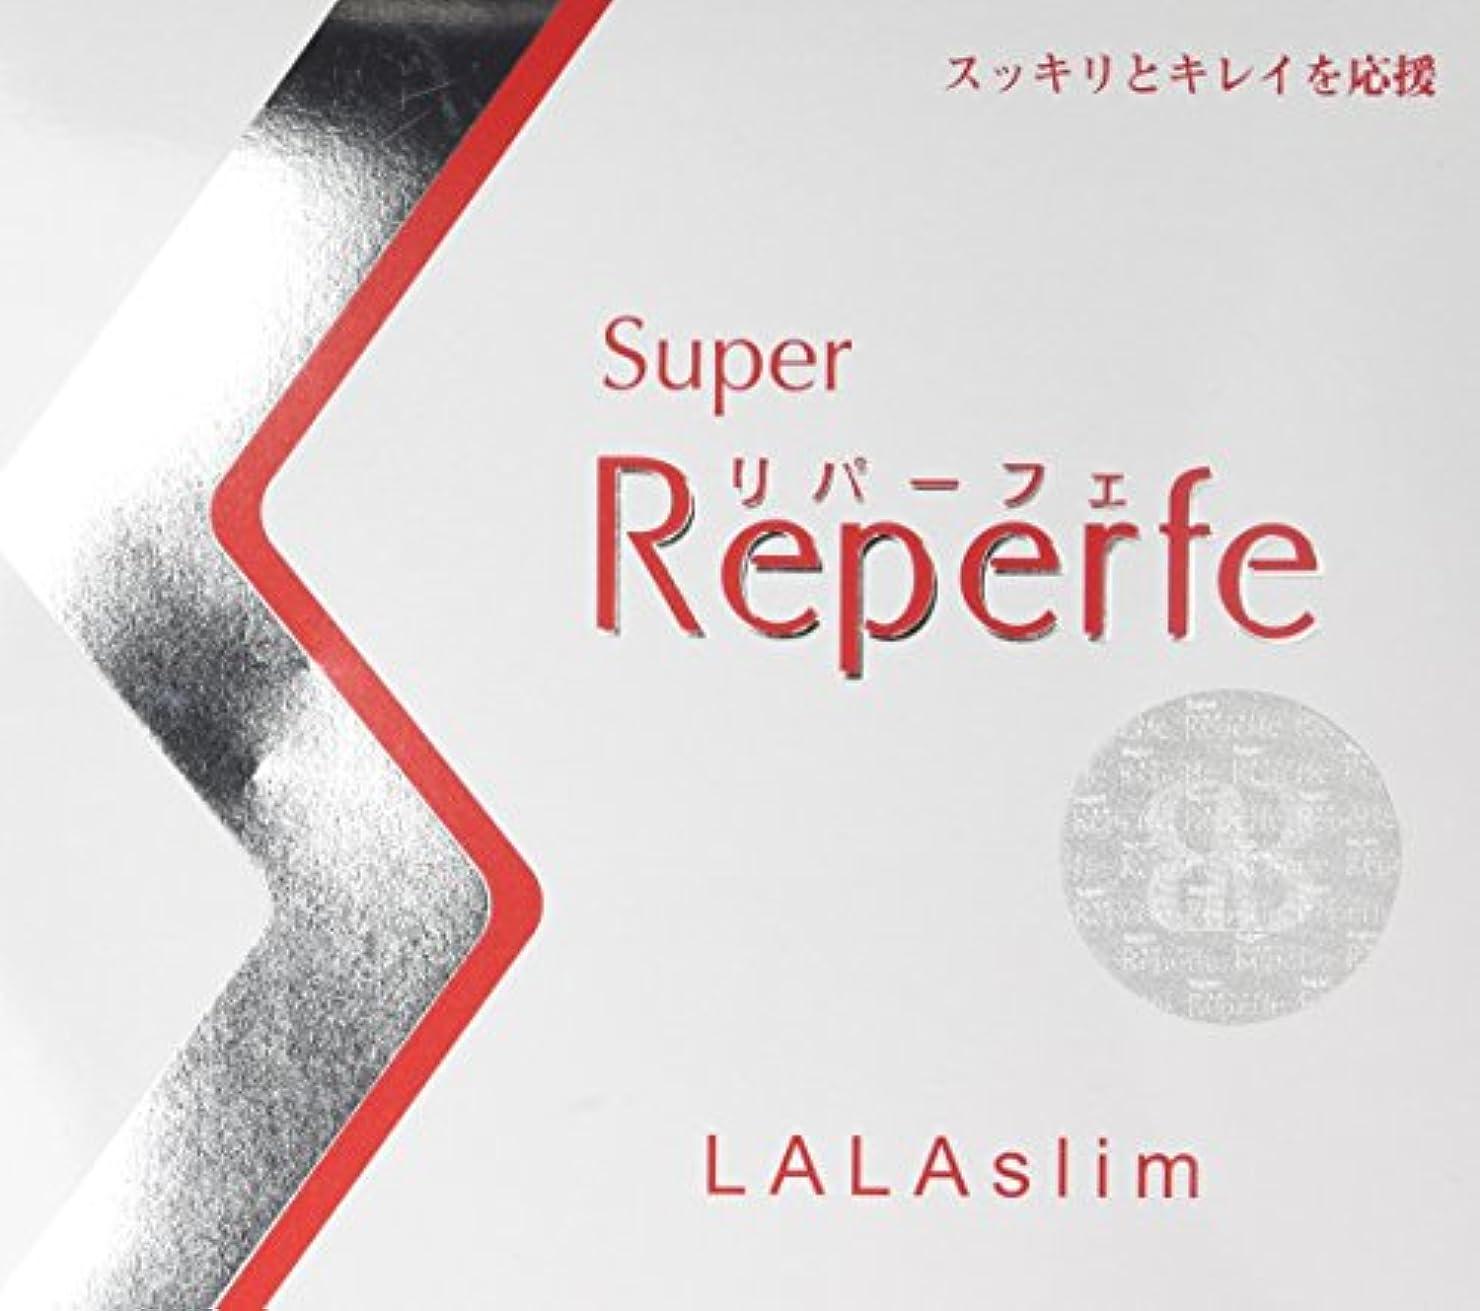 チョコレート物理誘発するスーパーリパーフェ ララスリム 錠剤タイプ